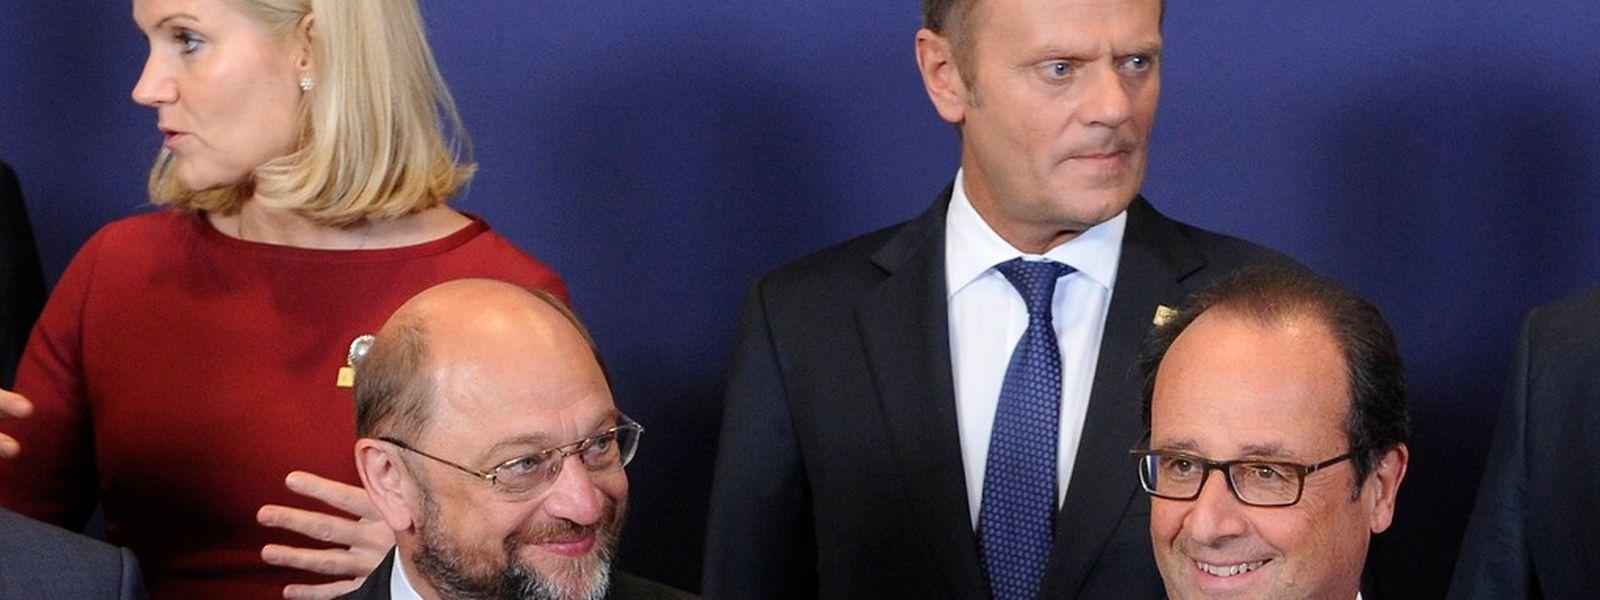 Helle Thorning Schmidt, Donald Tusk, Martin Schulz und Francois Hollande beim EU-Sondergipfel in Brüssel.